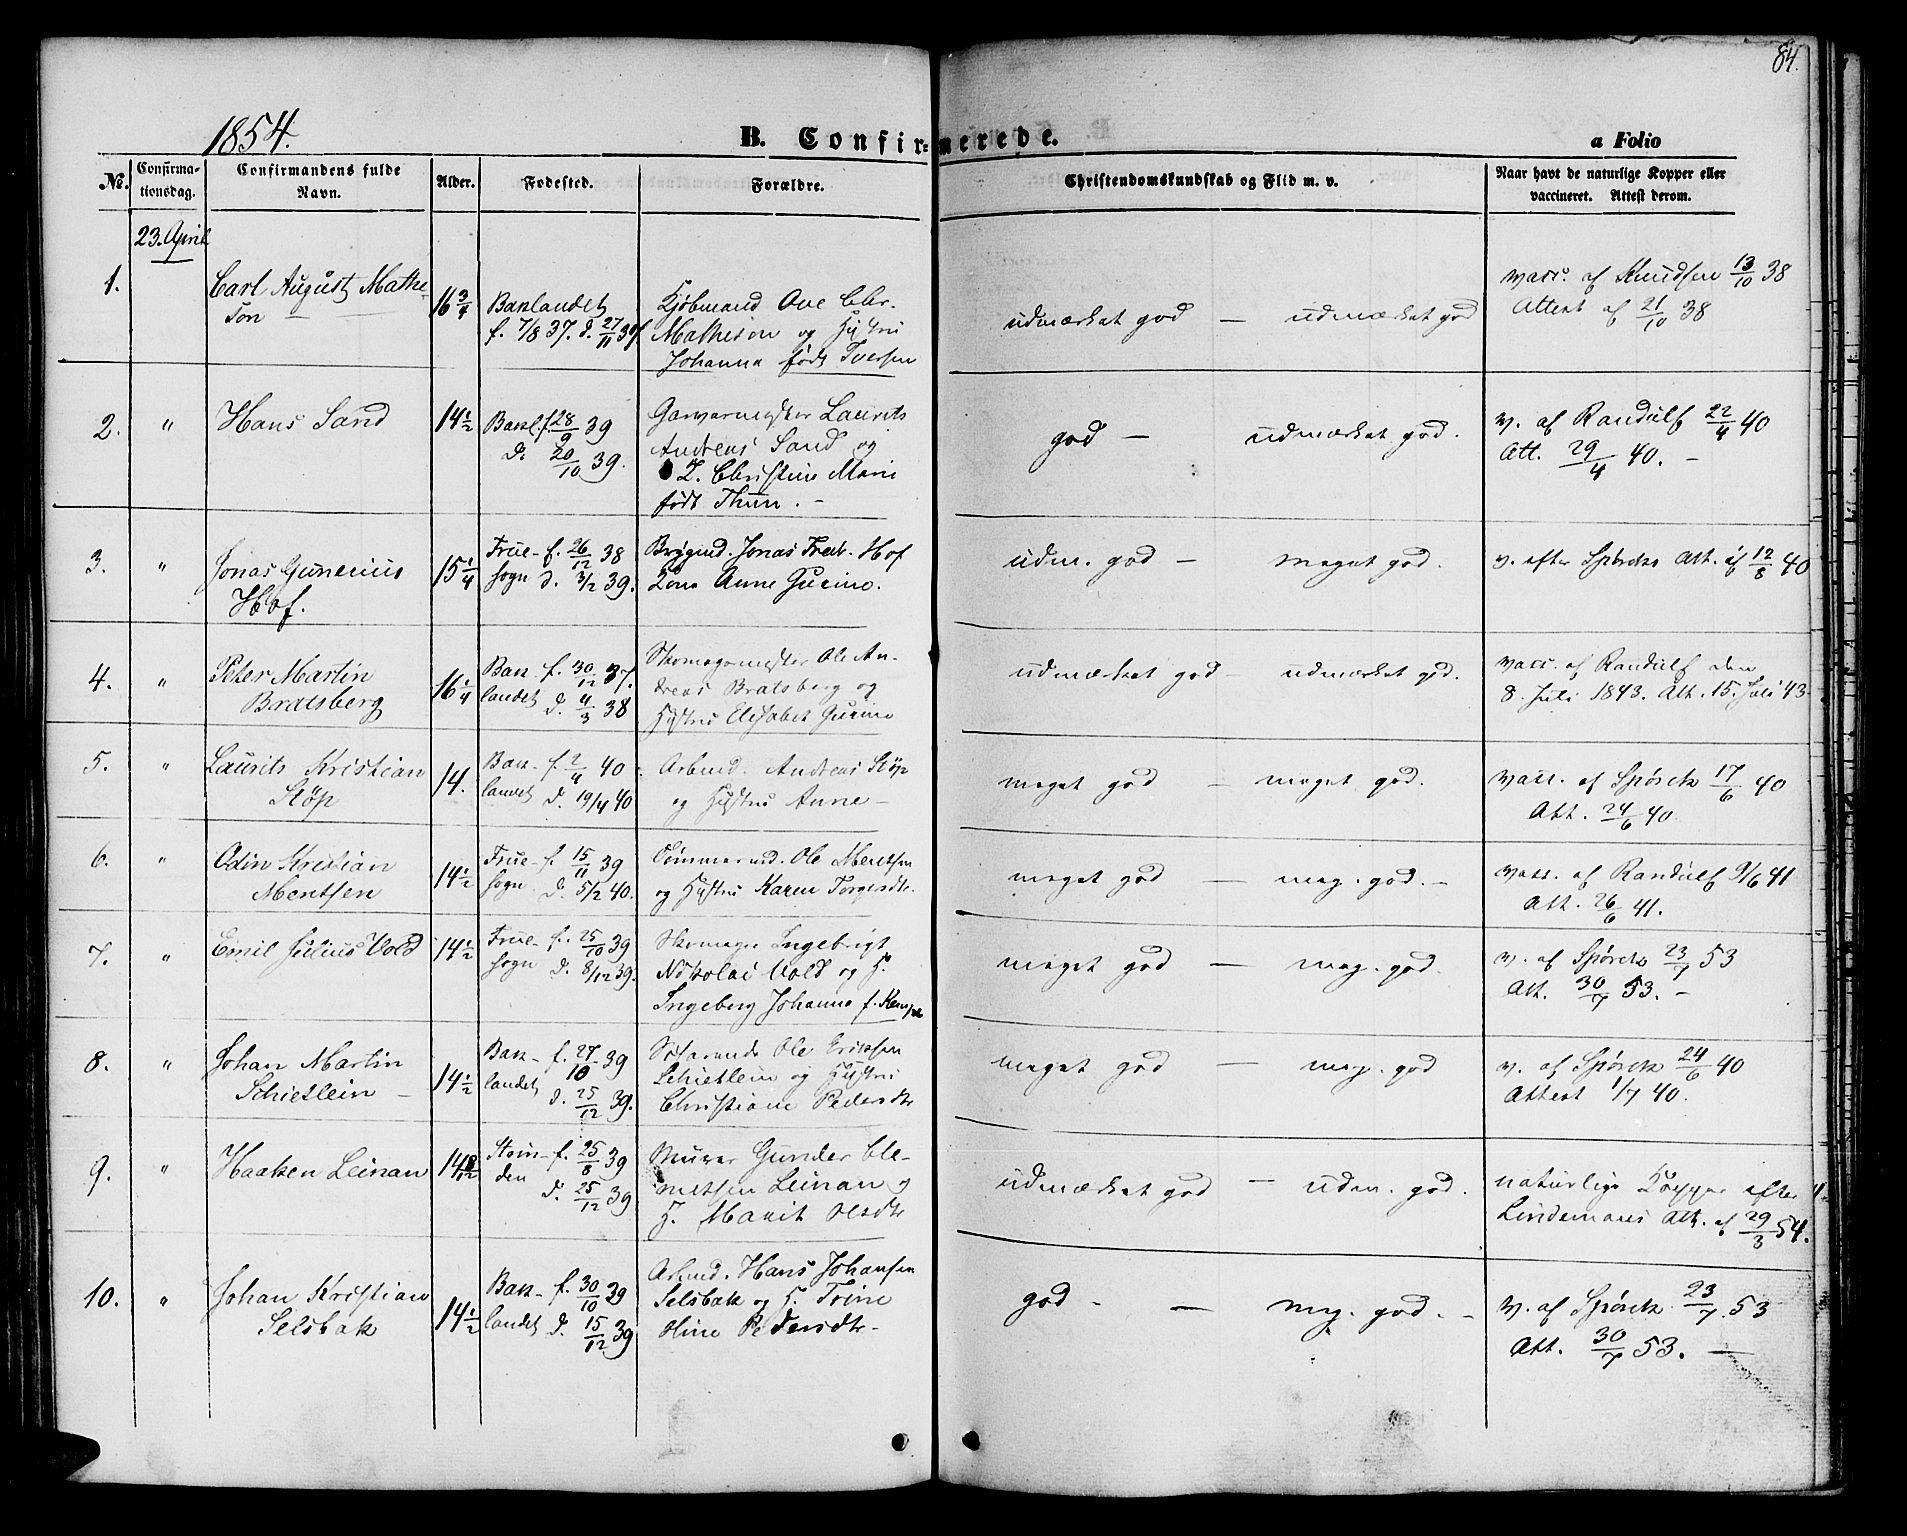 SAT, Ministerialprotokoller, klokkerbøker og fødselsregistre - Sør-Trøndelag, 604/L0184: Ministerialbok nr. 604A05, 1851-1860, s. 84